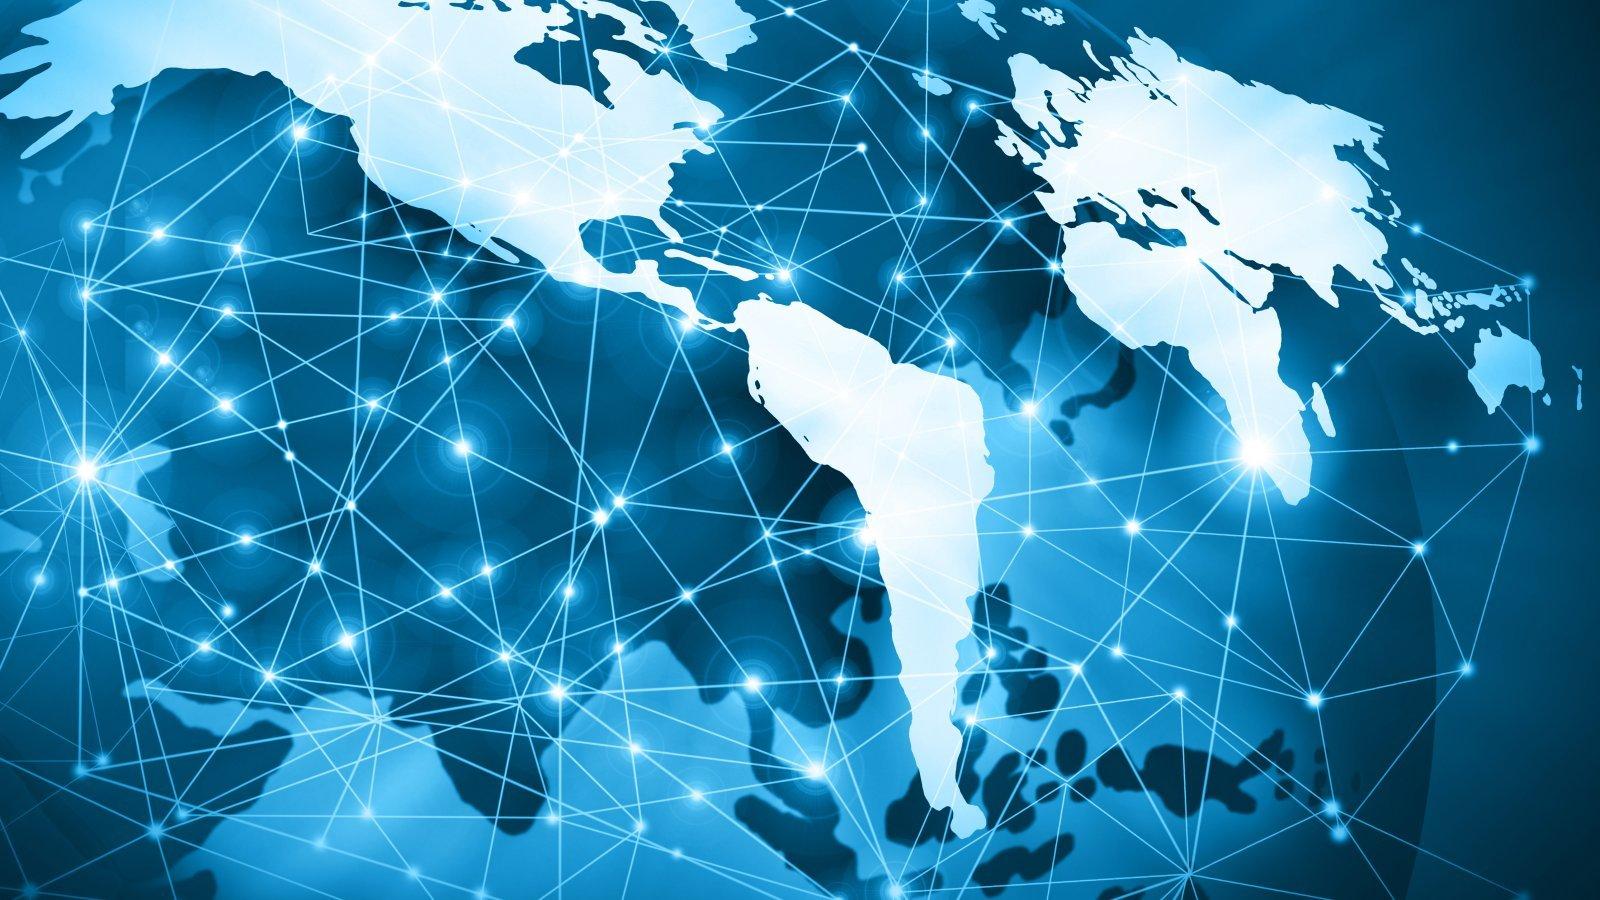 Česká republika má jedno z nejrychlejších mobilních připojení v Evropě